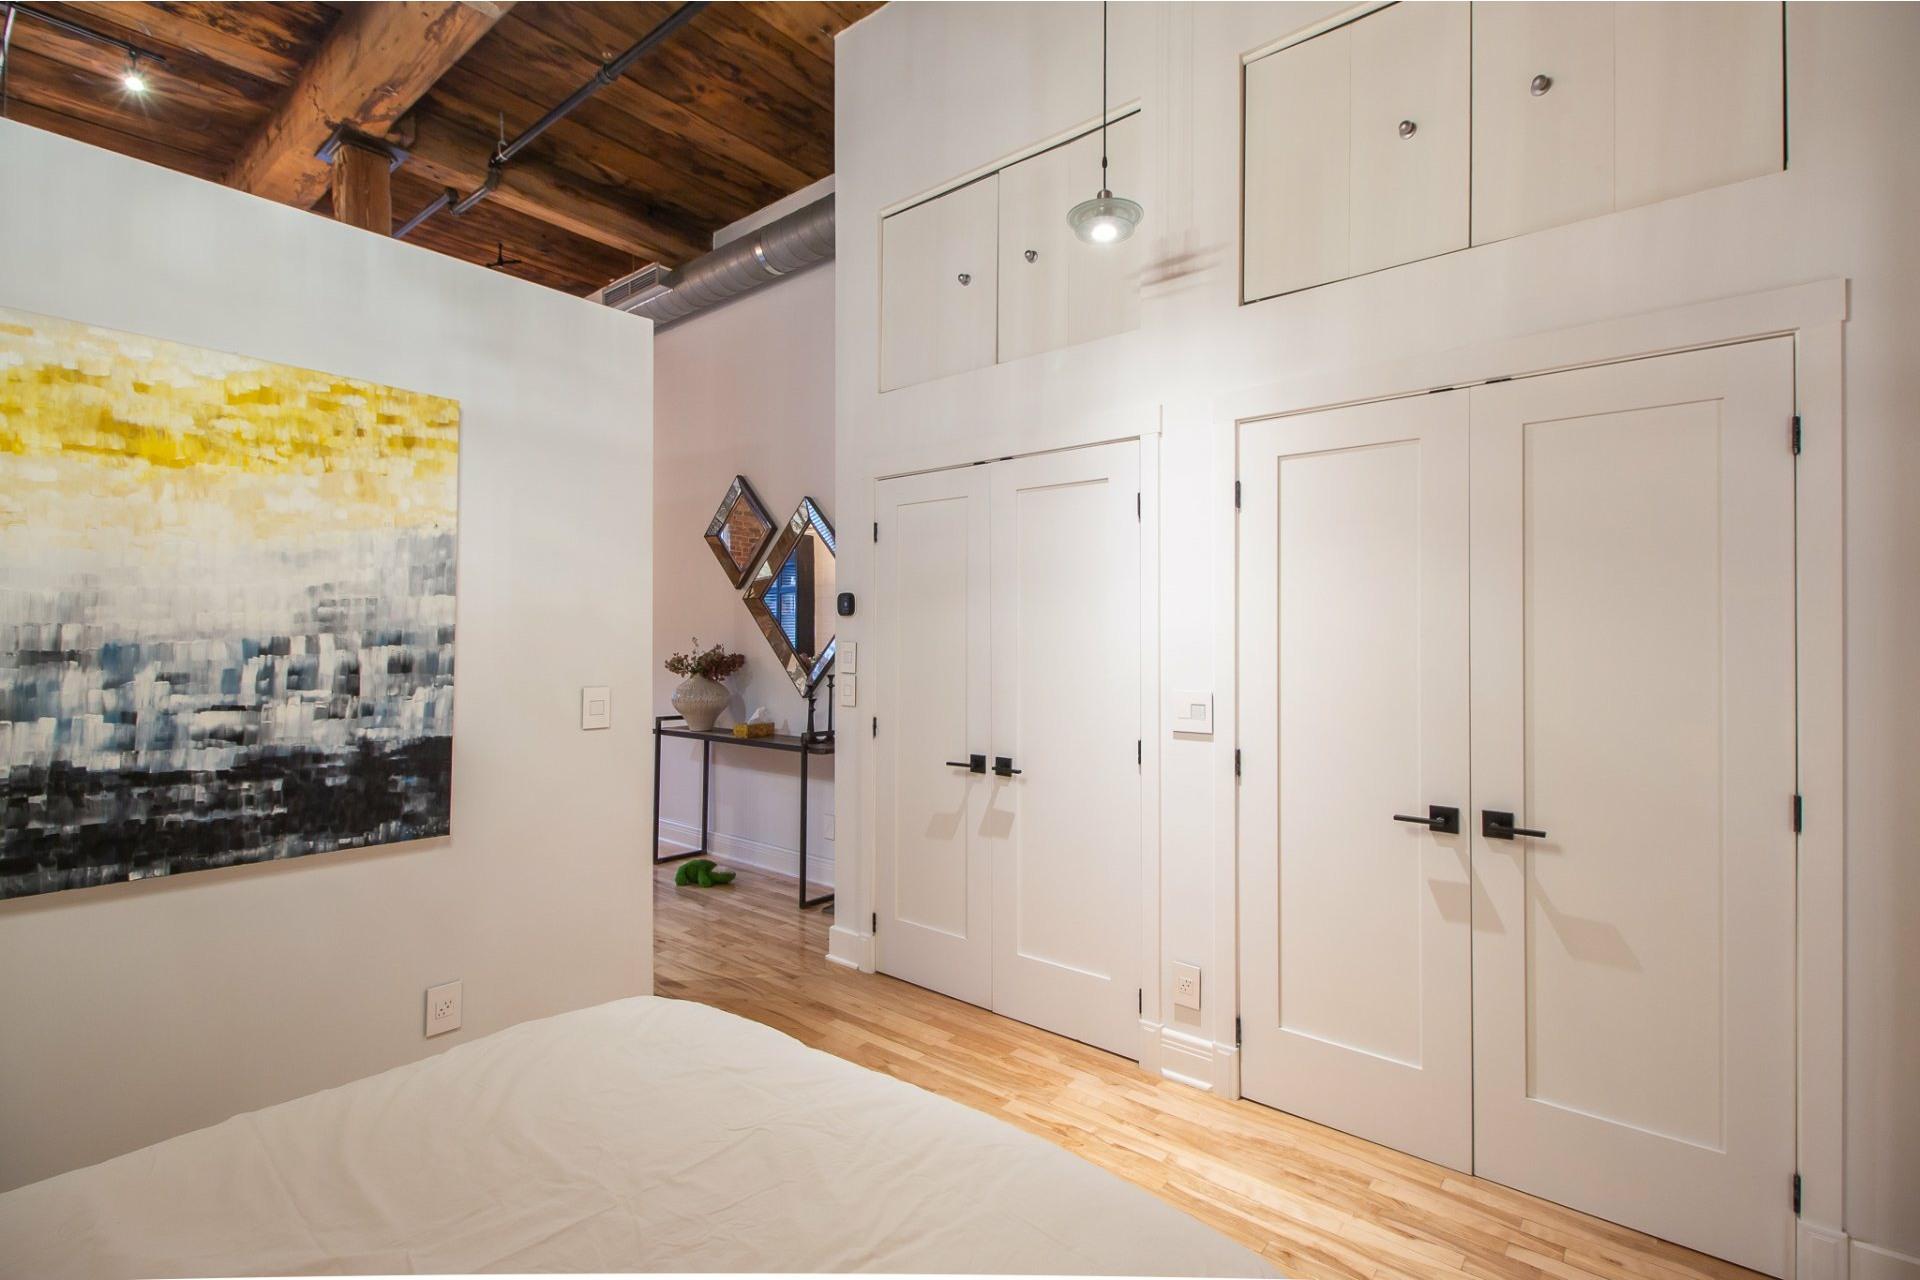 image 11 - Appartement À vendre Le Sud-Ouest Montréal  - 3 pièces